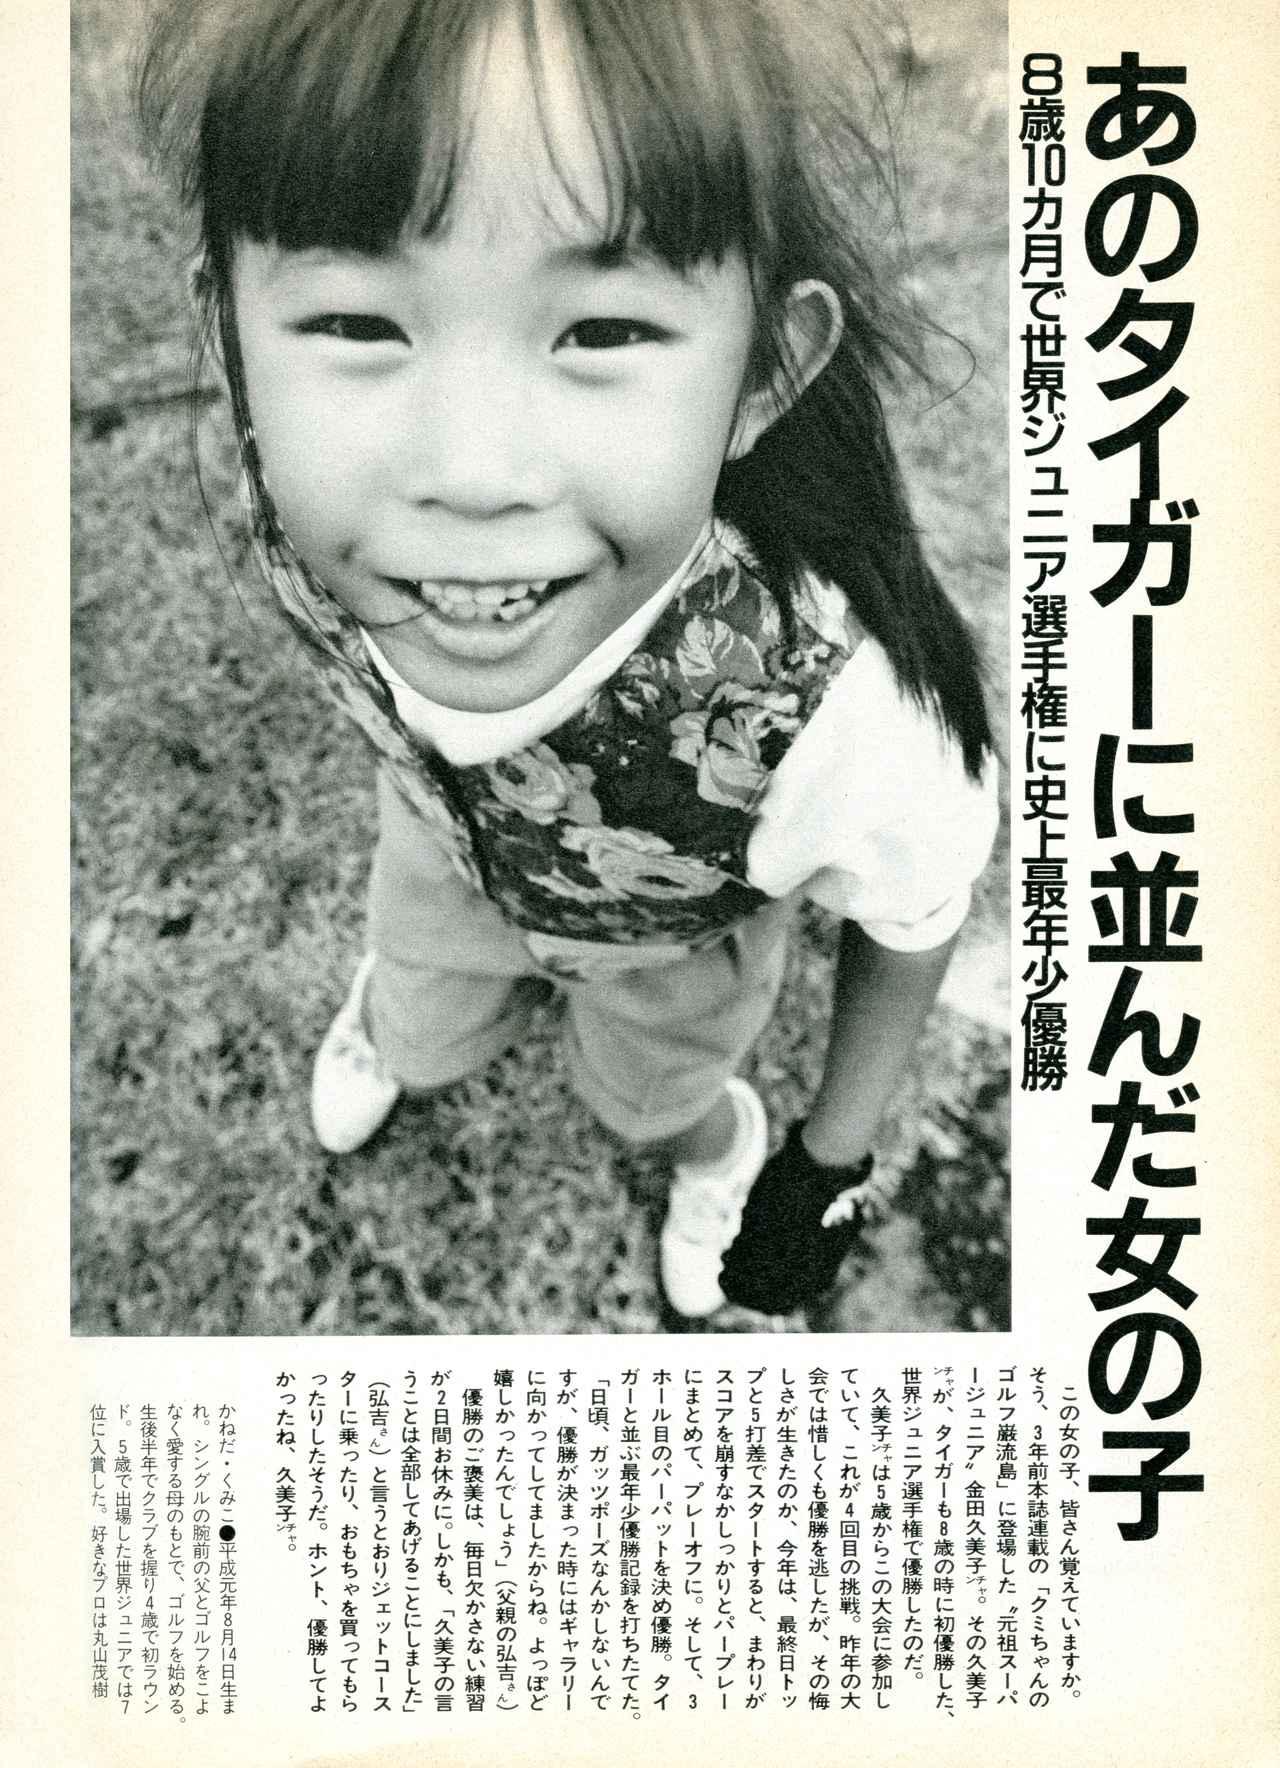 画像: 金田が世界ジュニアを制した当時の週刊ゴルフダイジェストの記事。いまでも第一線で活躍しているのは、実は努力家である証明か